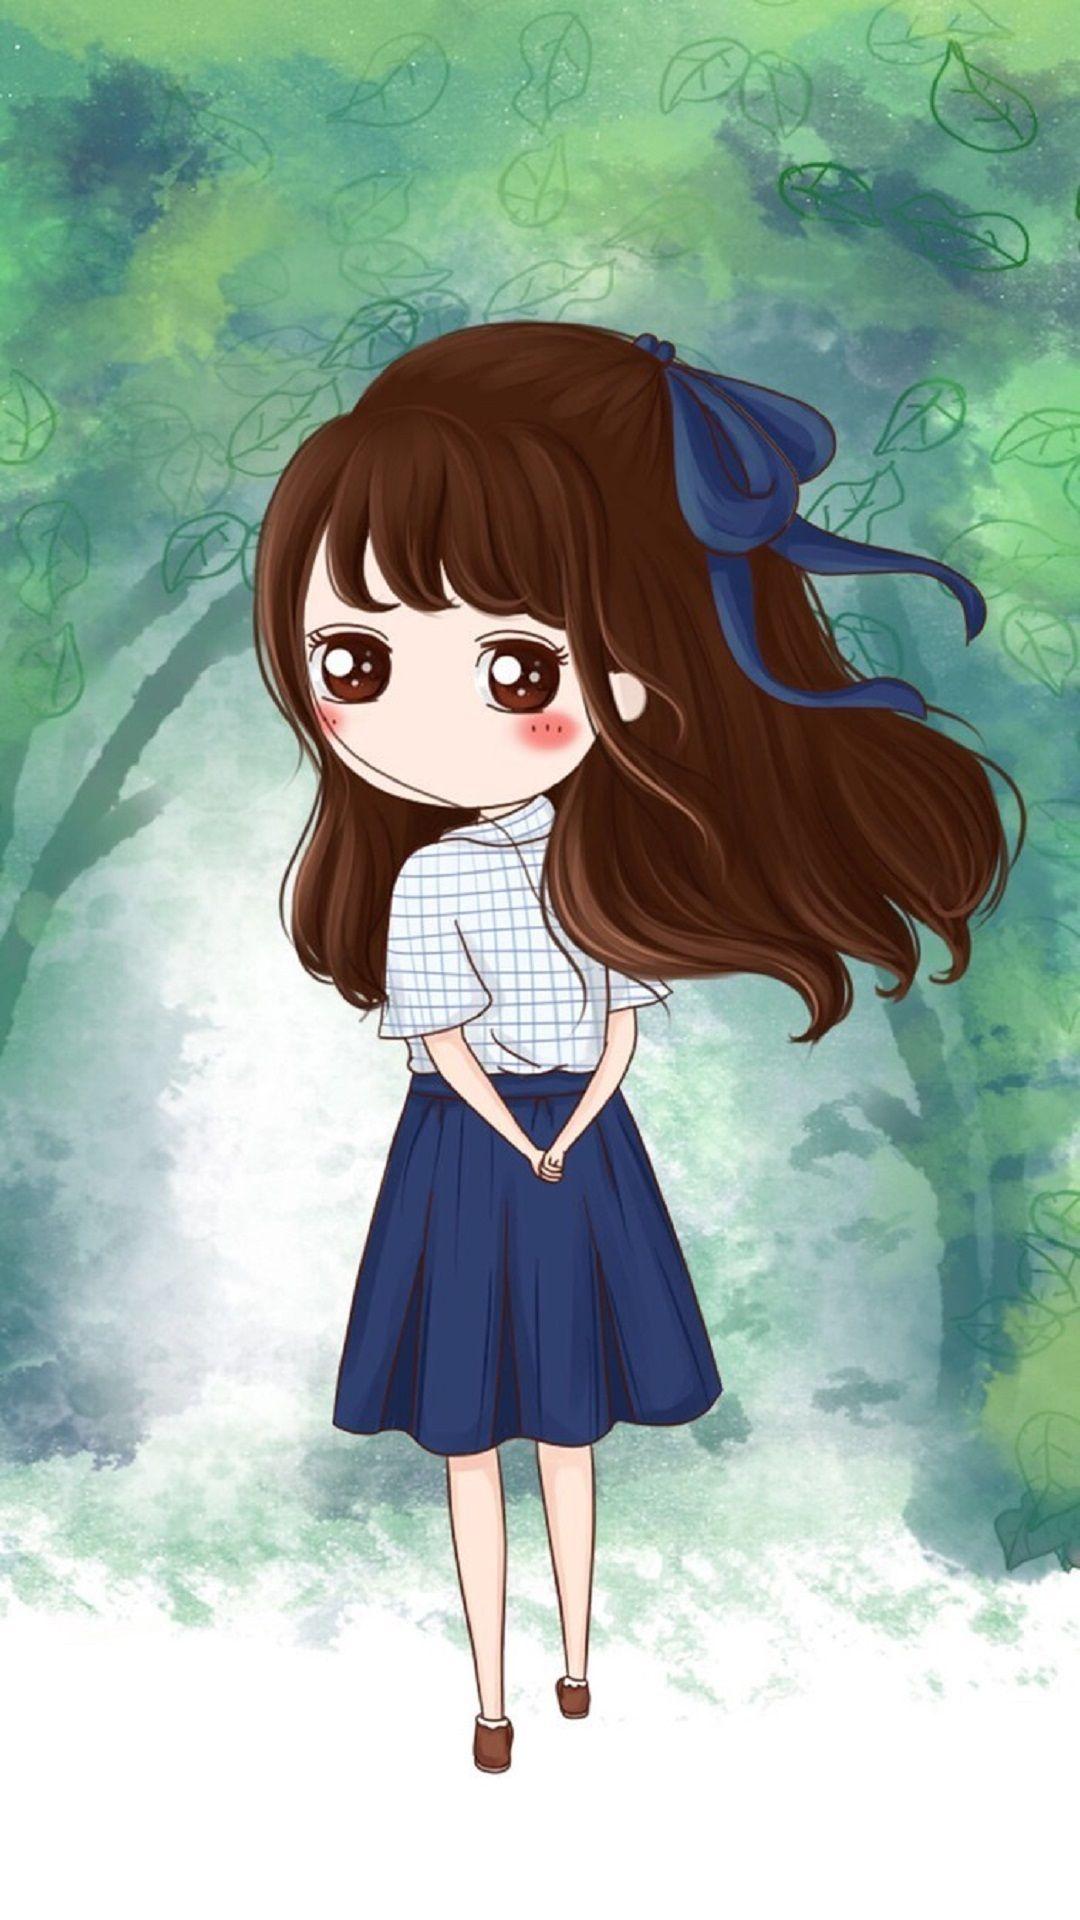 Lonely Chibi Art Girl Tap To See More Cute Chibi Kawaii Girl Art Wallpapers Mobile9 Cute Chibi Cute Drawings Girl Cartoon